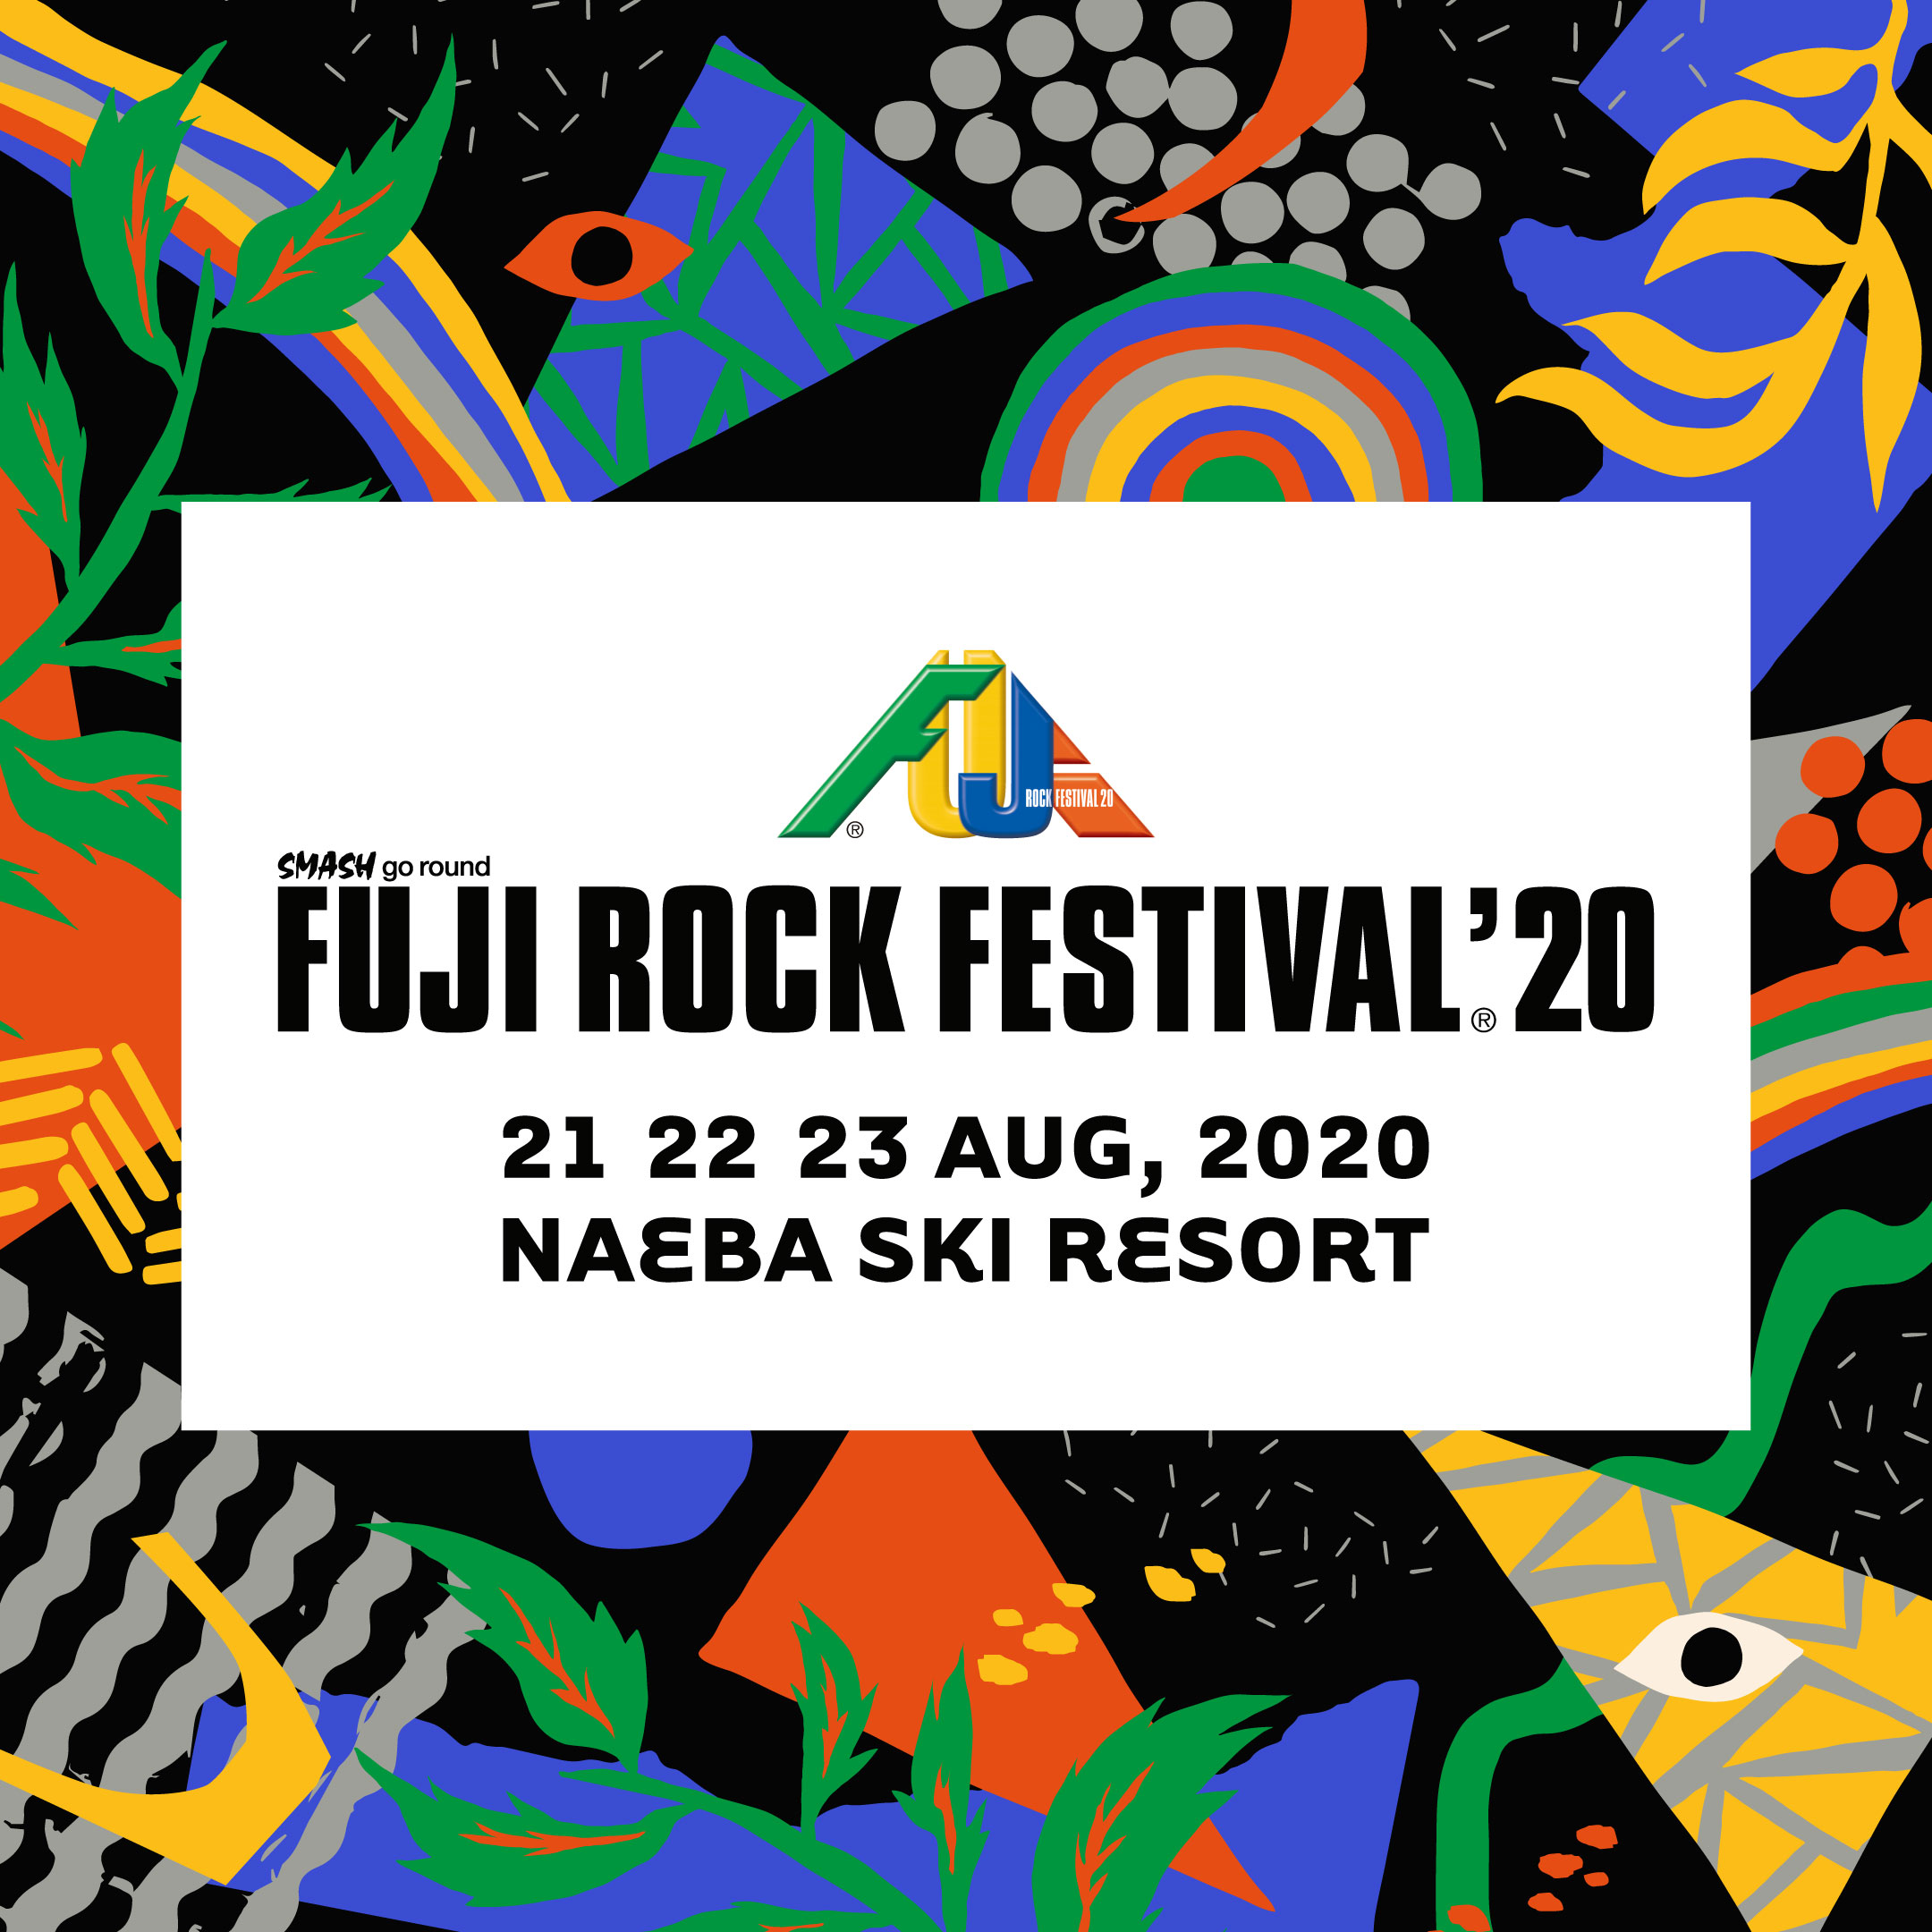 FUJI ROCK FESTIVAL'20 特典付き『早い割引チケット』発売決定!